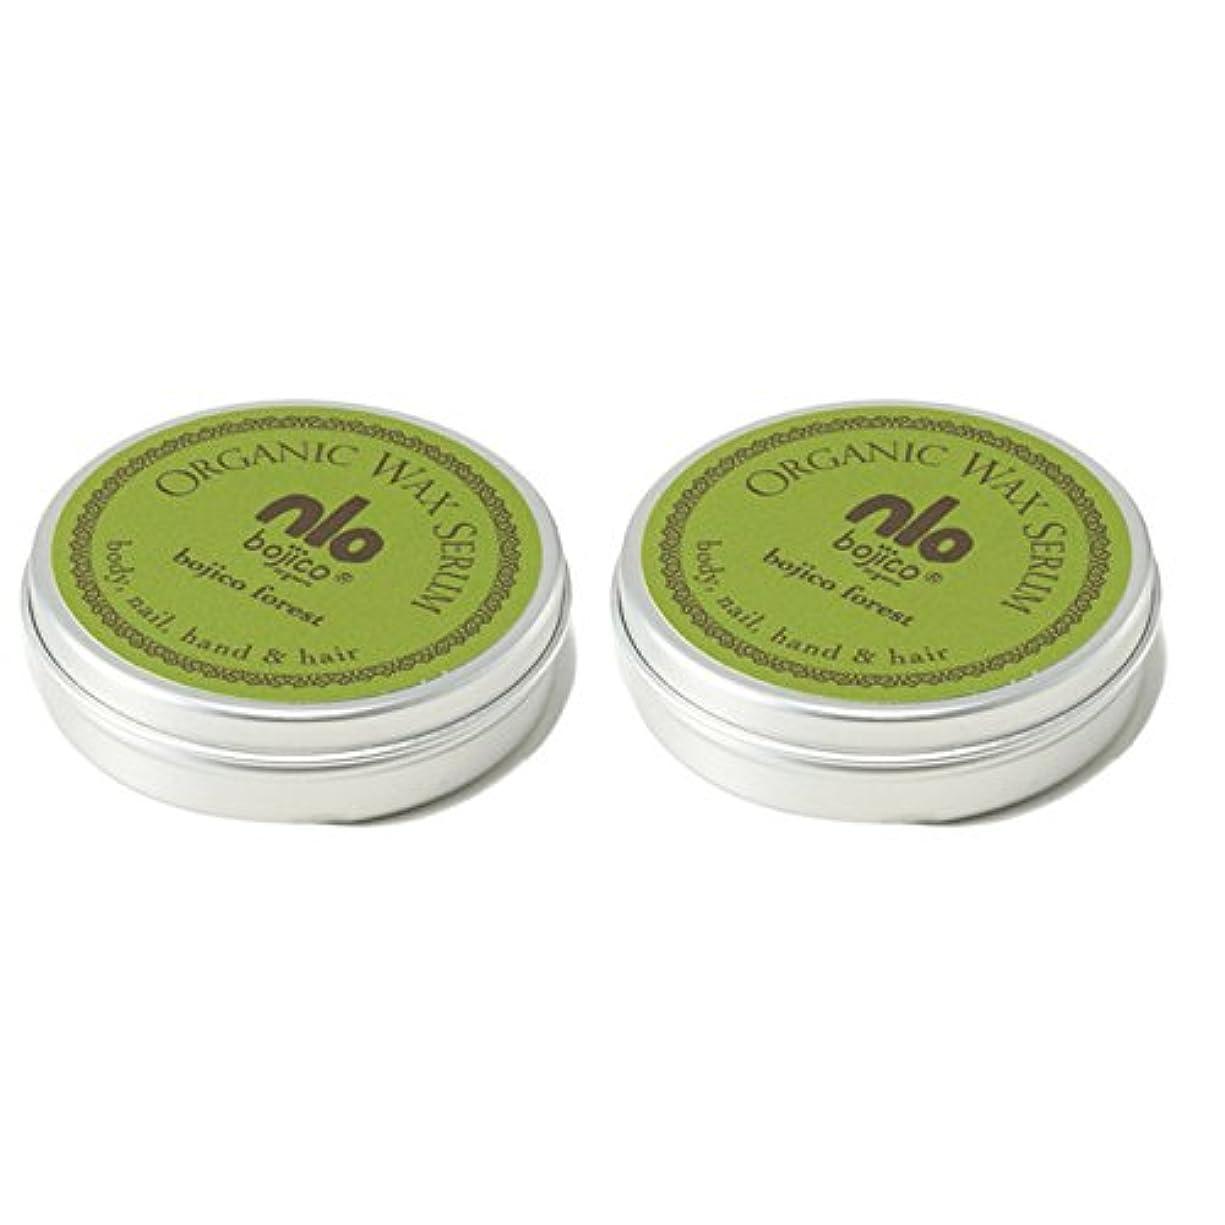 アクチュエータ伝えるメンタル【40g×2個セット】 ボジコ オーガニック ワックス セラム <フォレスト> bojico Organic Wax Serum 40g×2